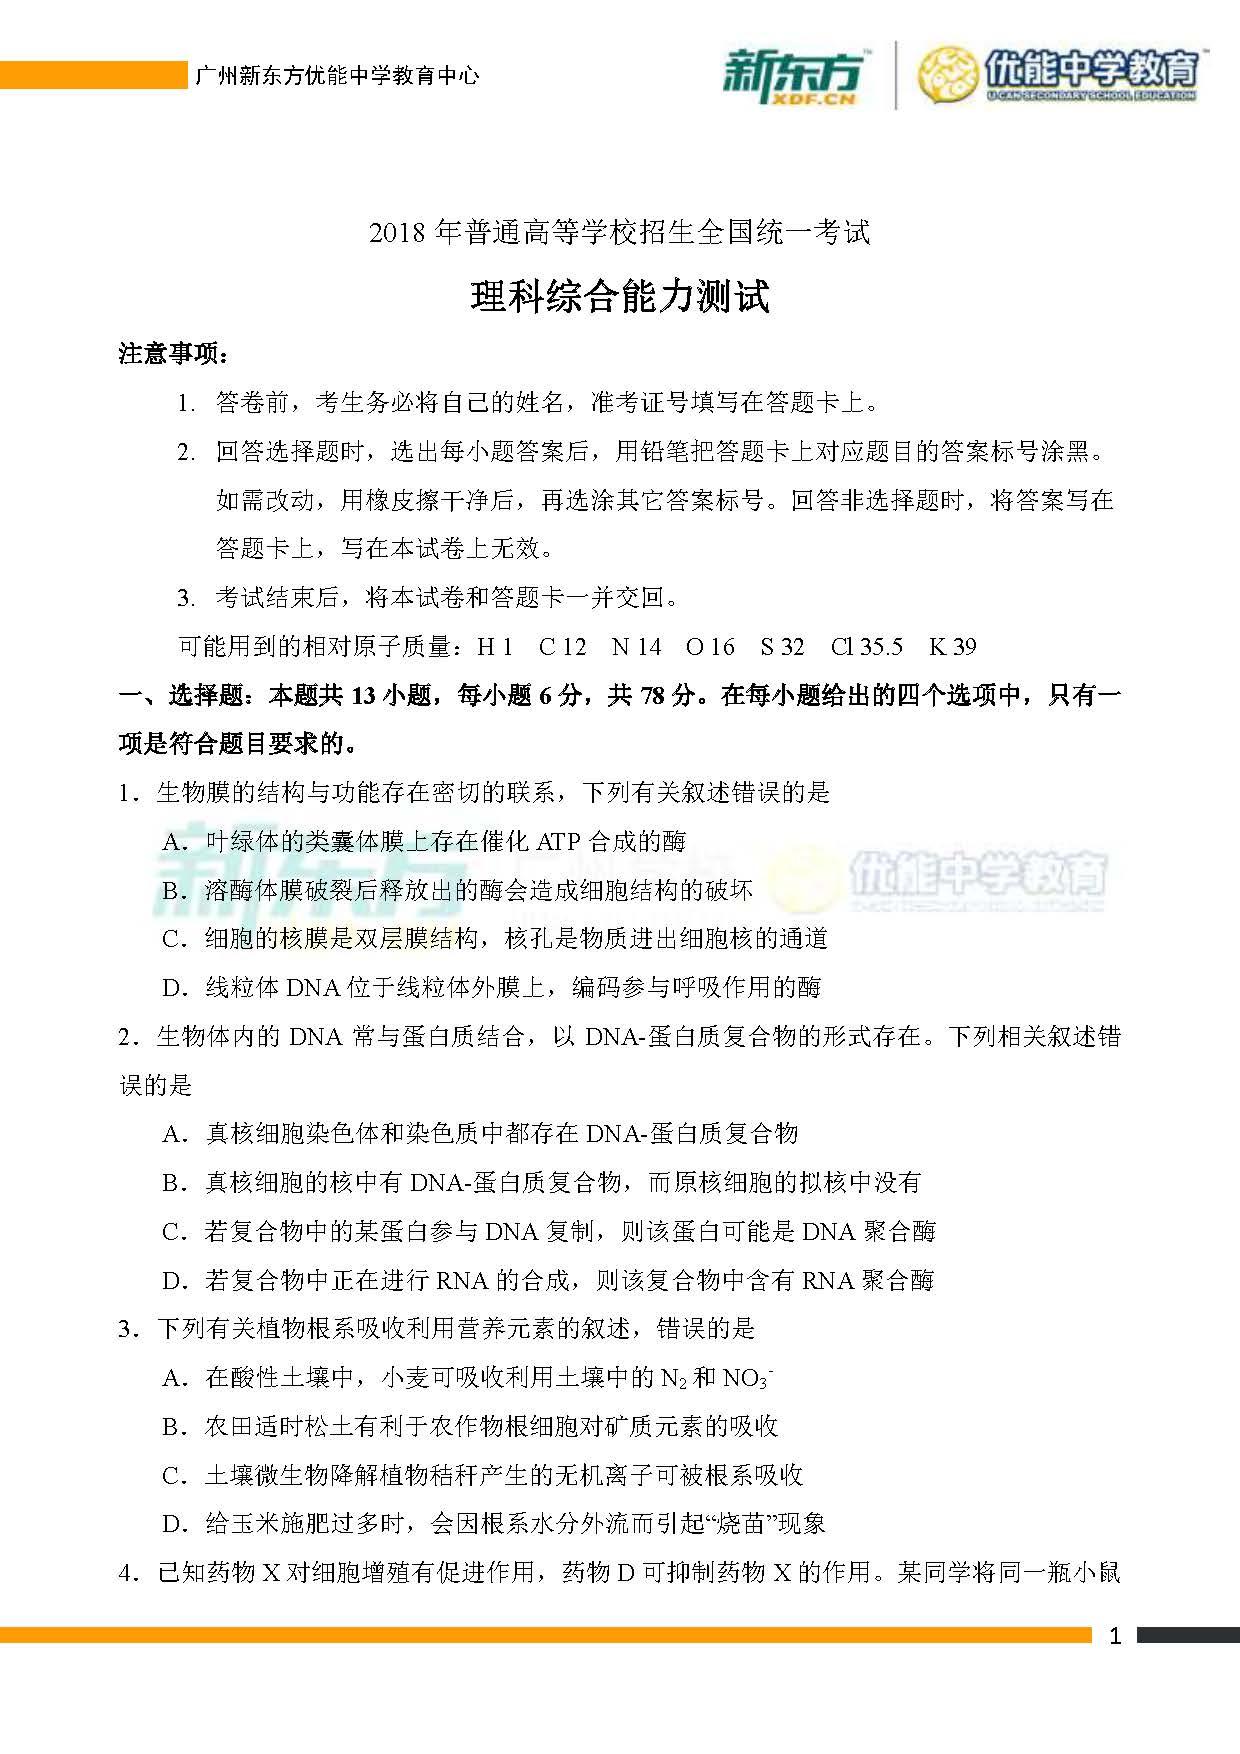 2018全国卷1高考生物试题(广州新东方)